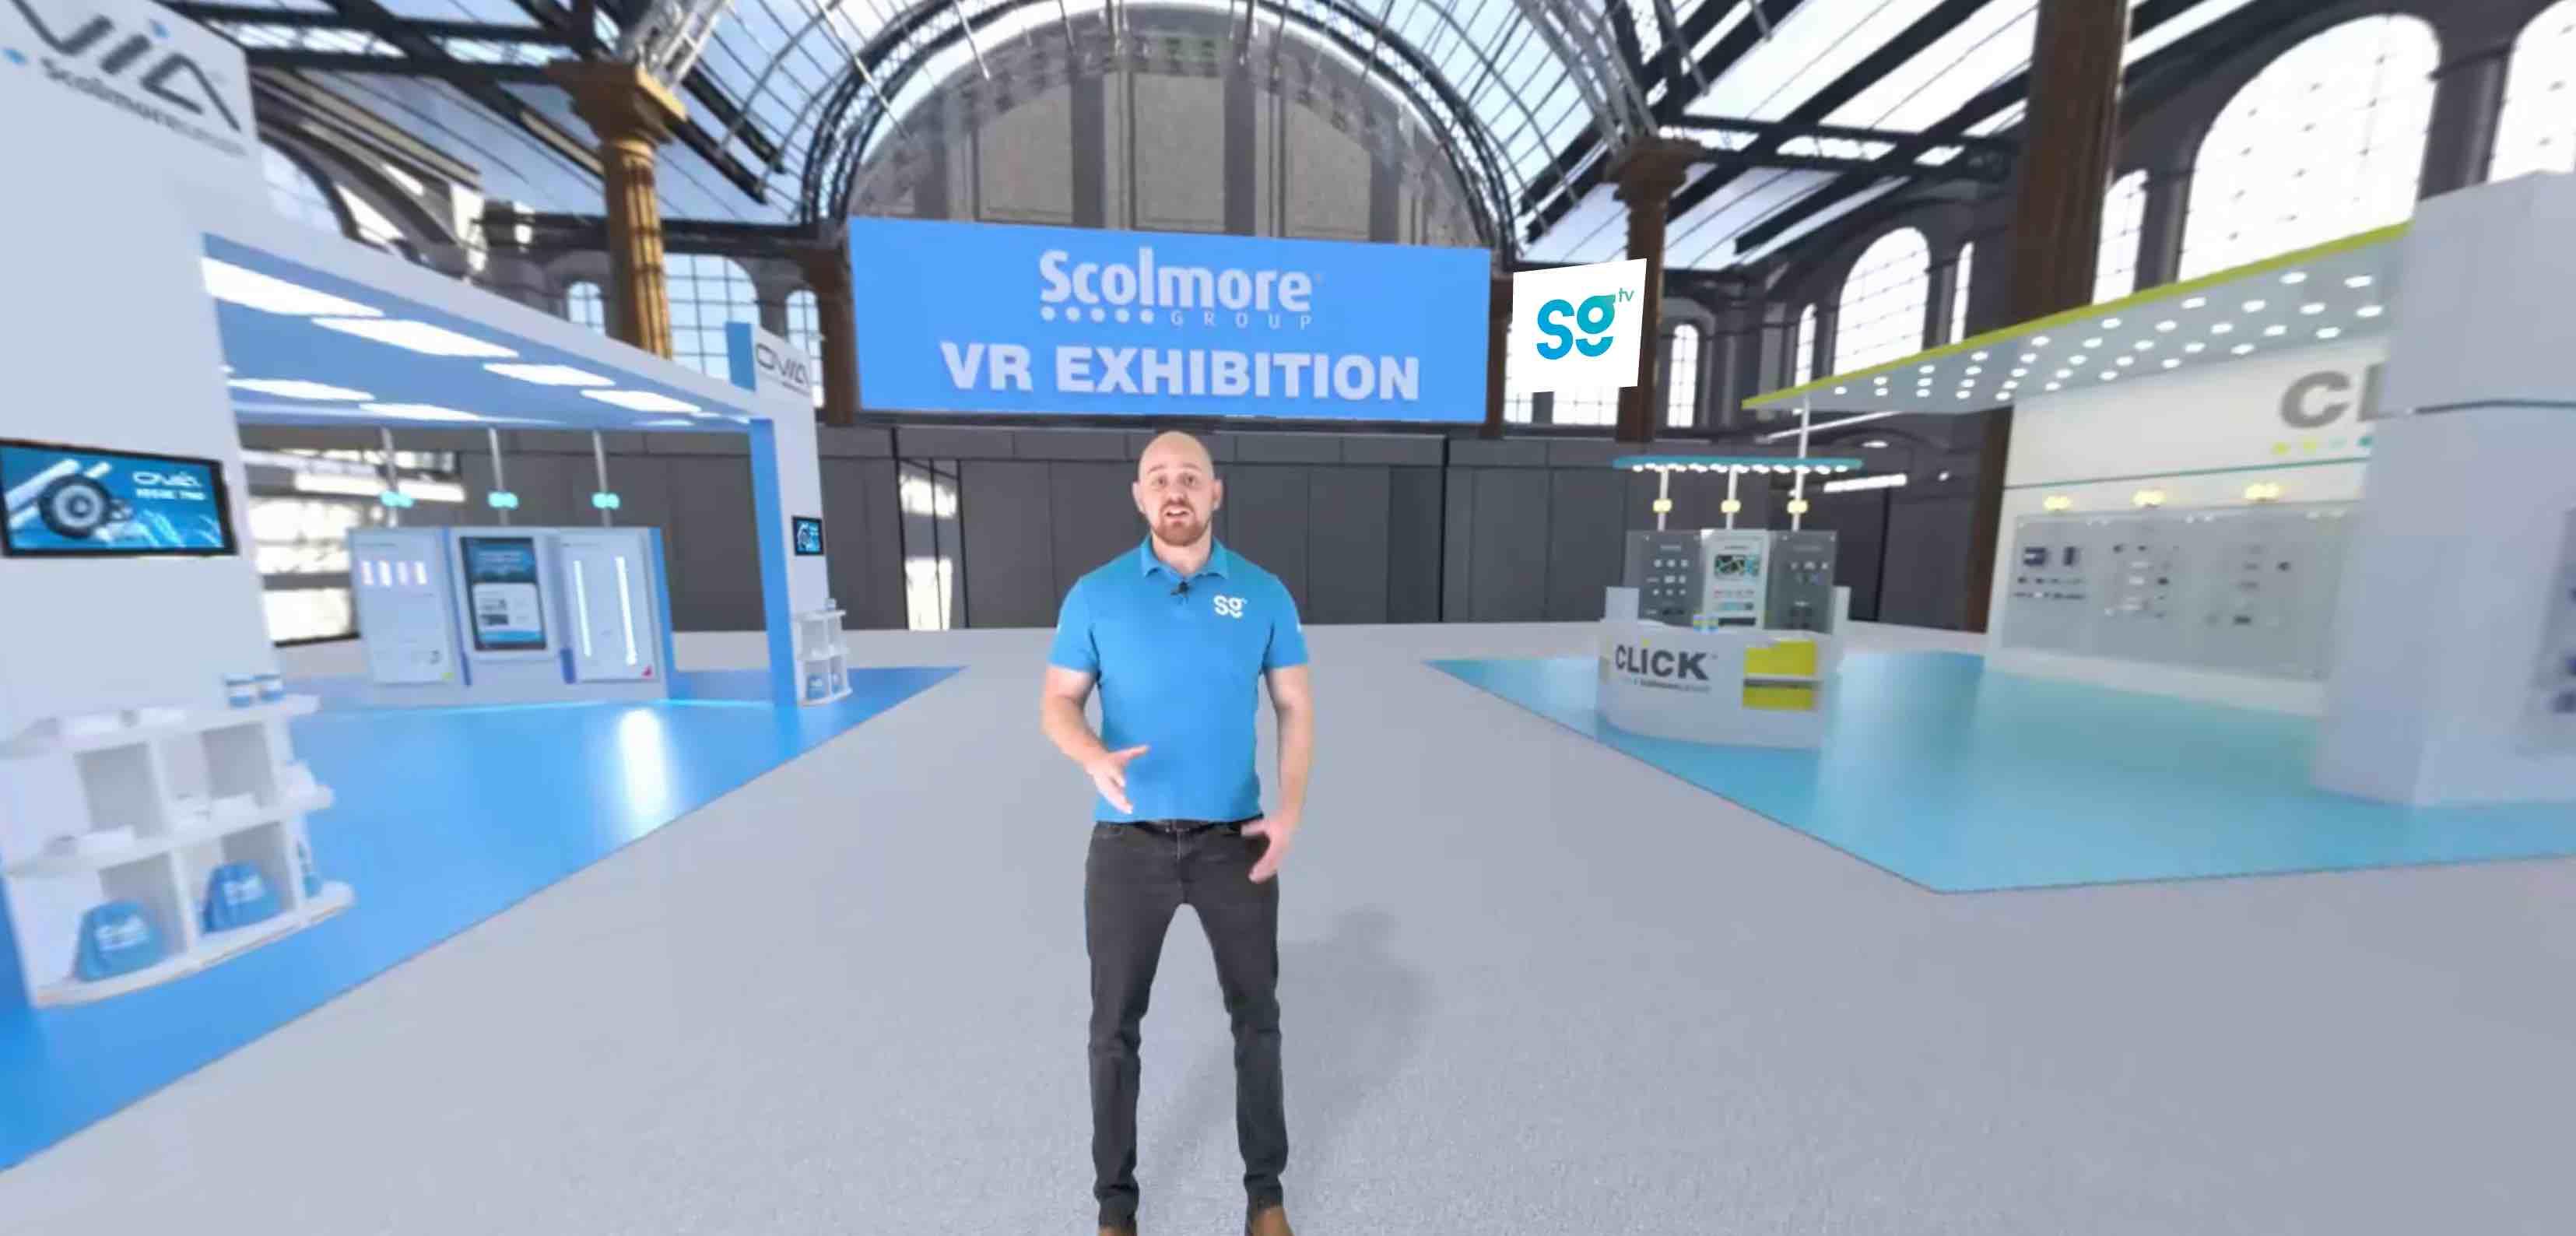 Scolmore Virtual Event 1 1024x491